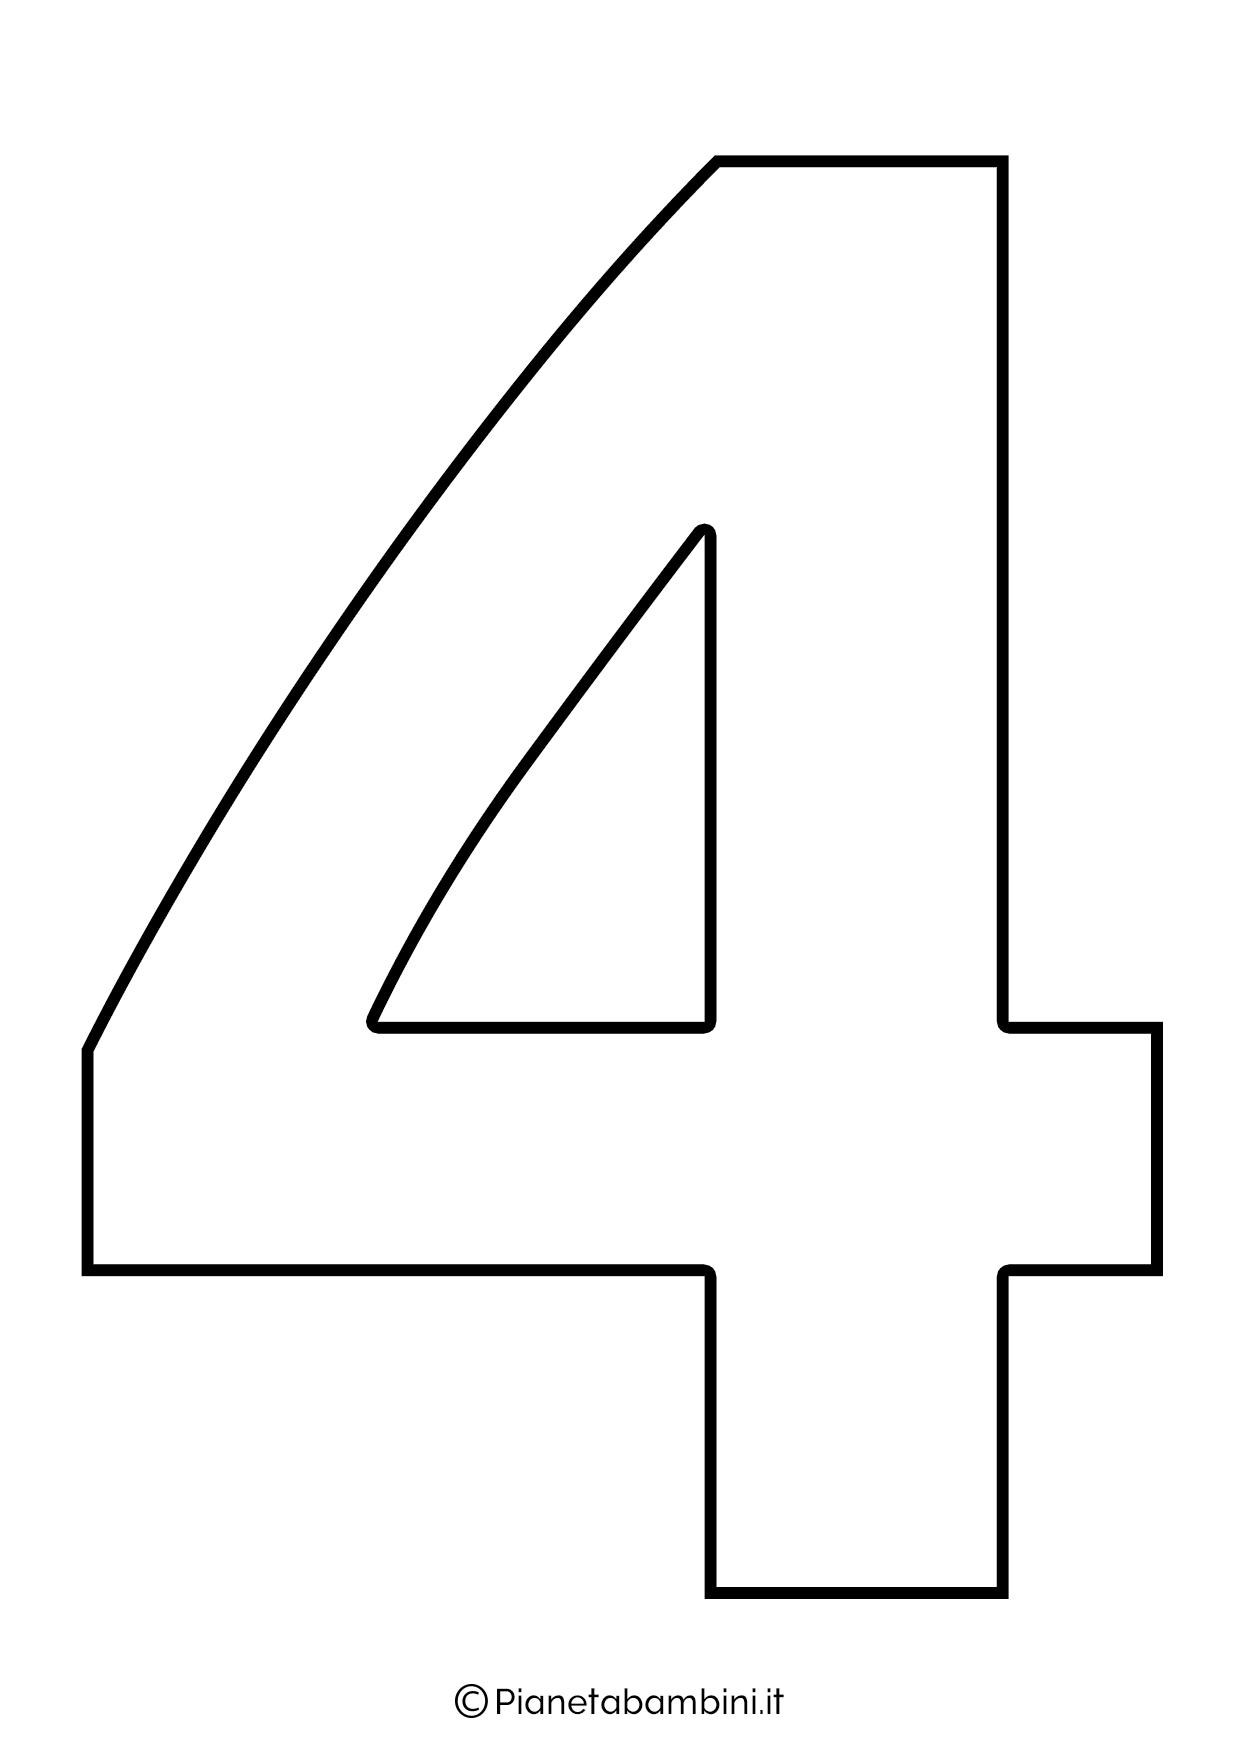 Numero 4 da stampare